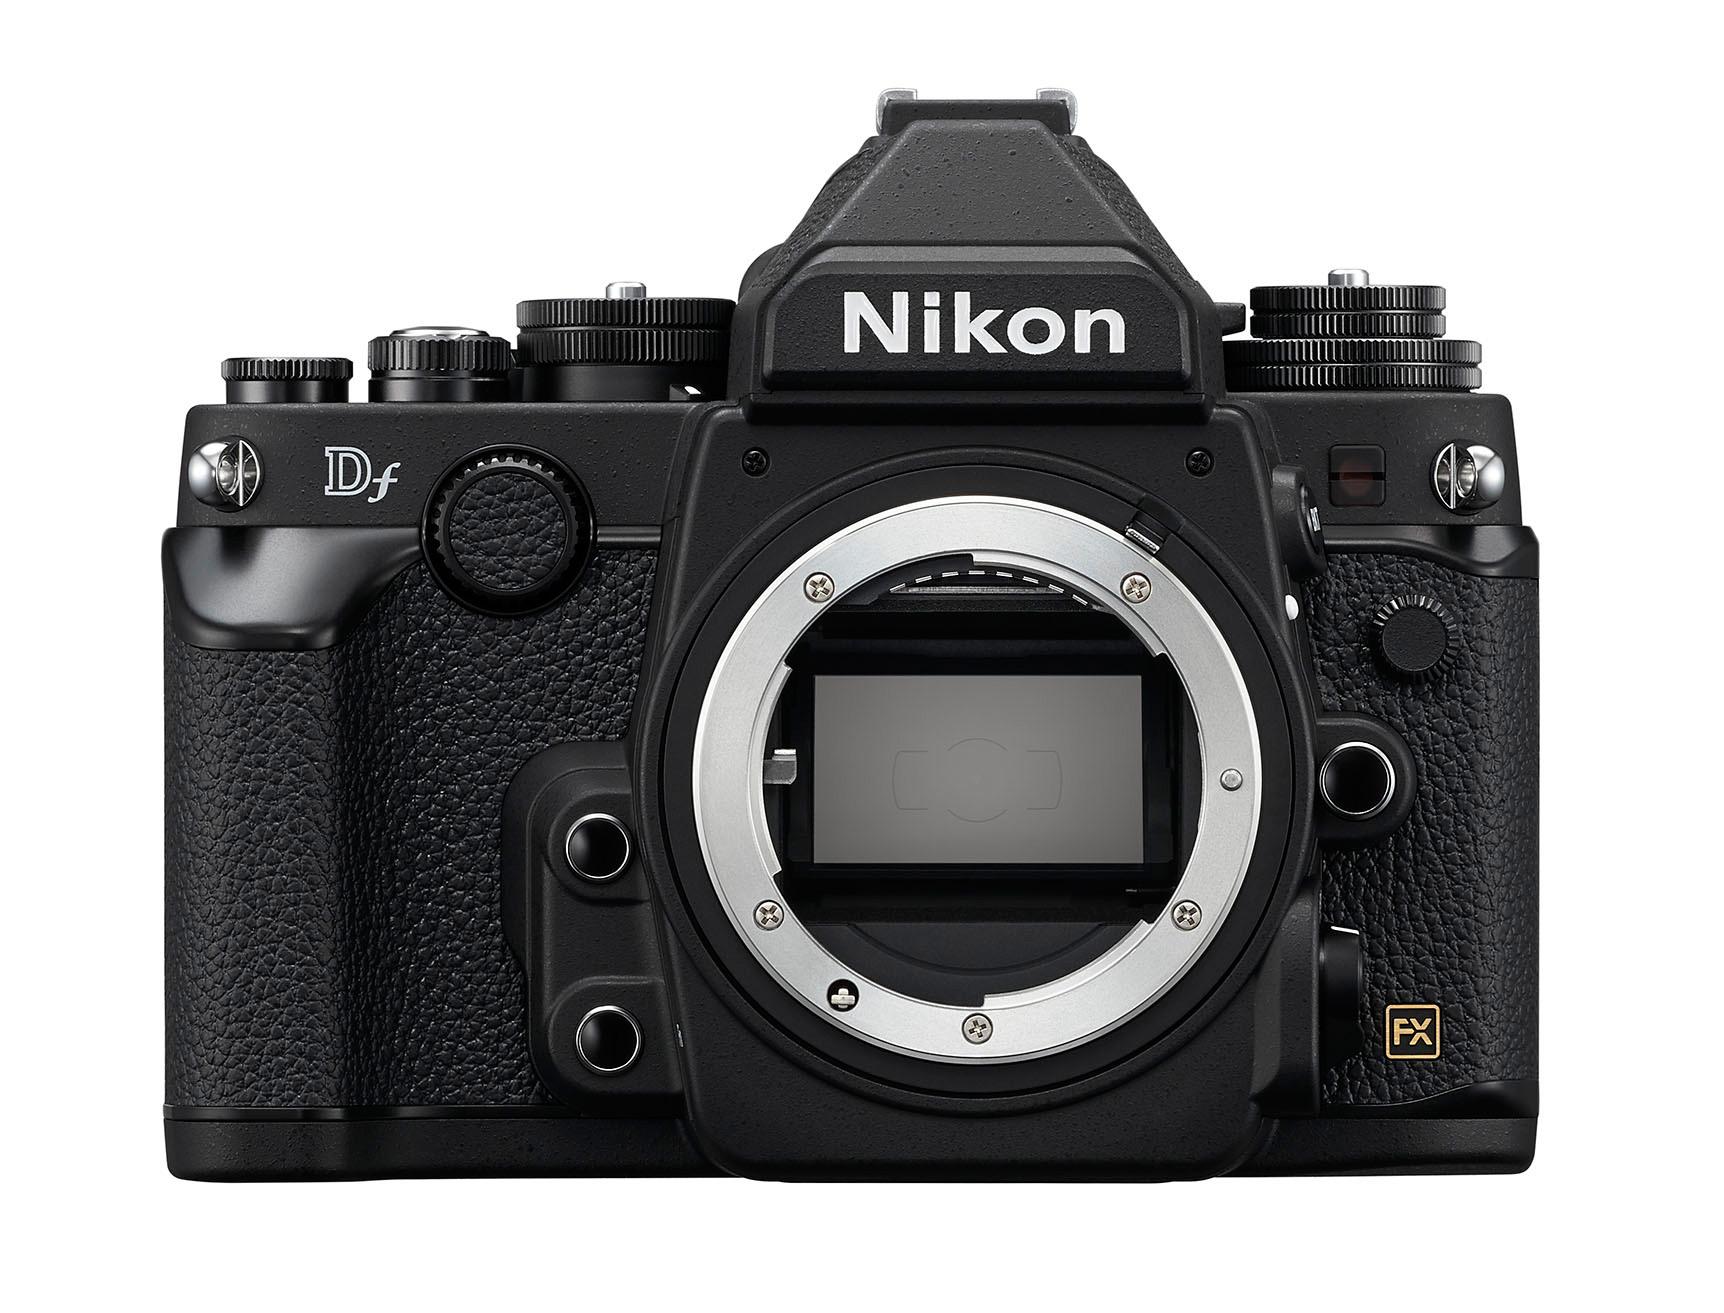 Retro model Nikon Df sice nemá vestavěný blesk a neumí natáčet video, pohon autofokusu z těla mu – stejně jako každé další FX zrcadlovce Nikonu – nechybí